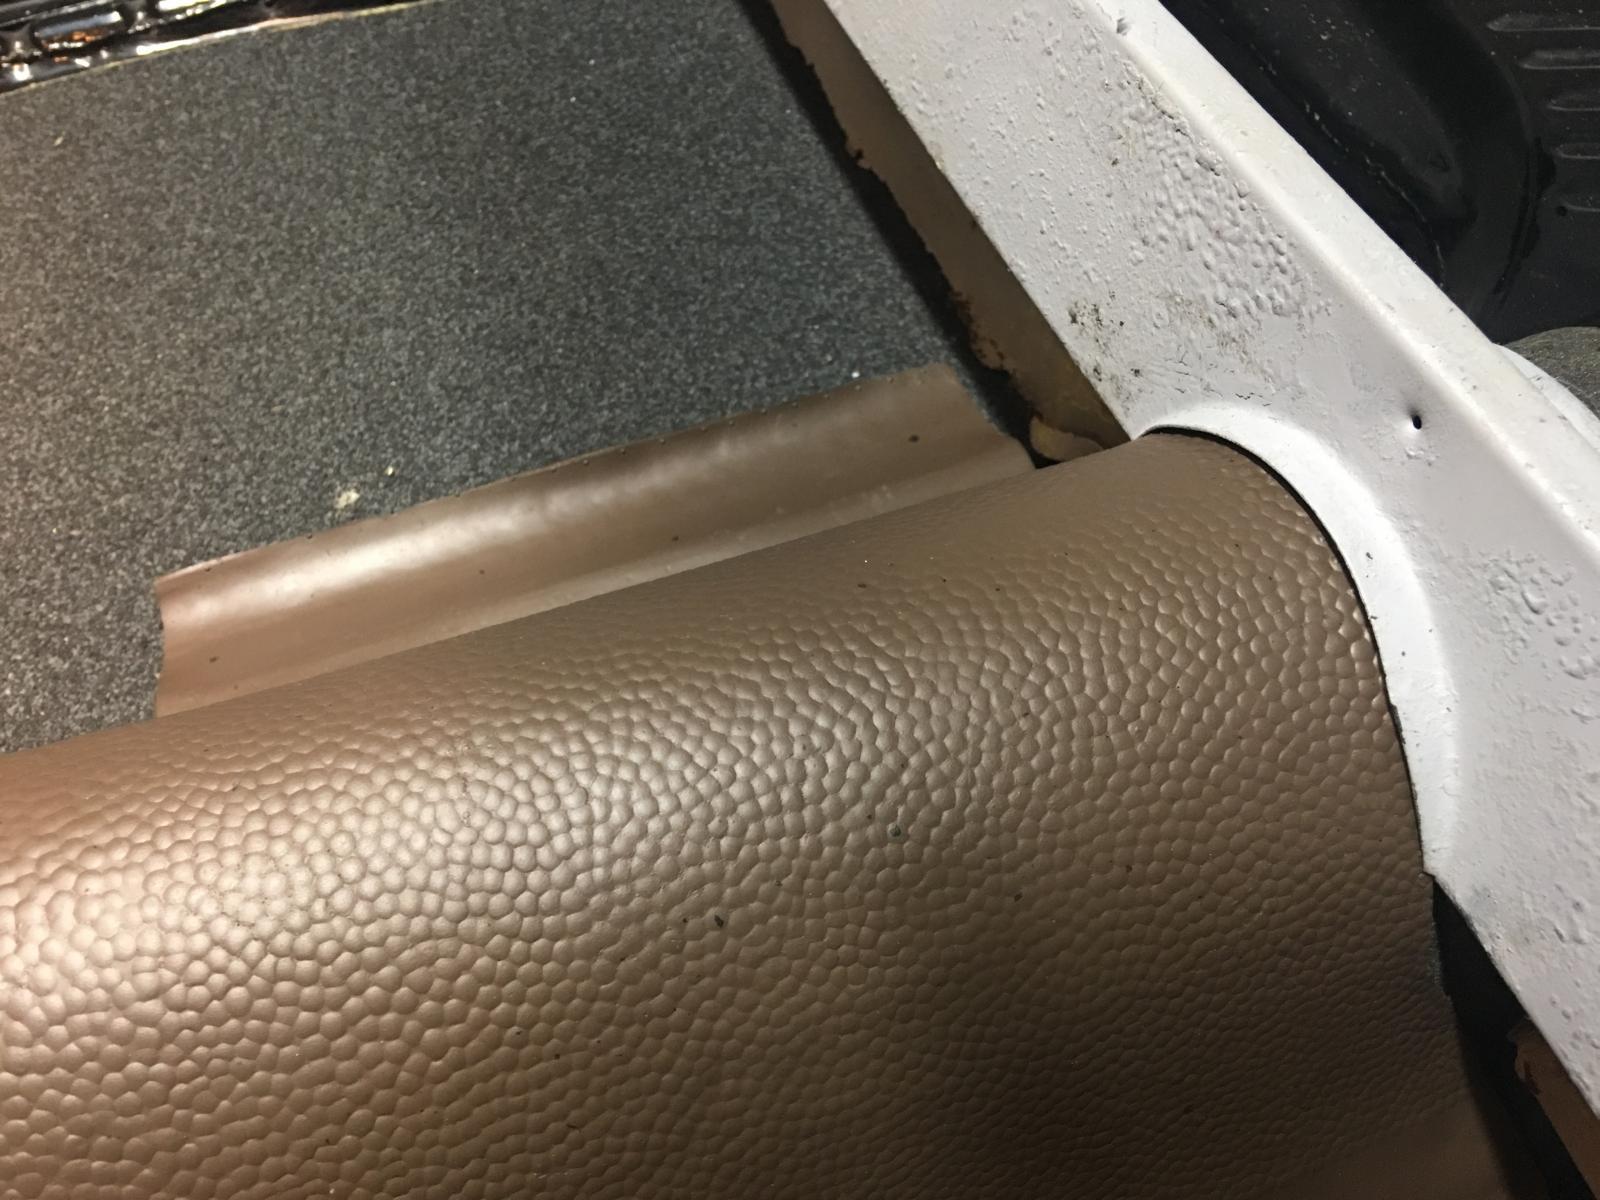 caoutchouc gris sous le tableau de bord (parois verticales)  1837440